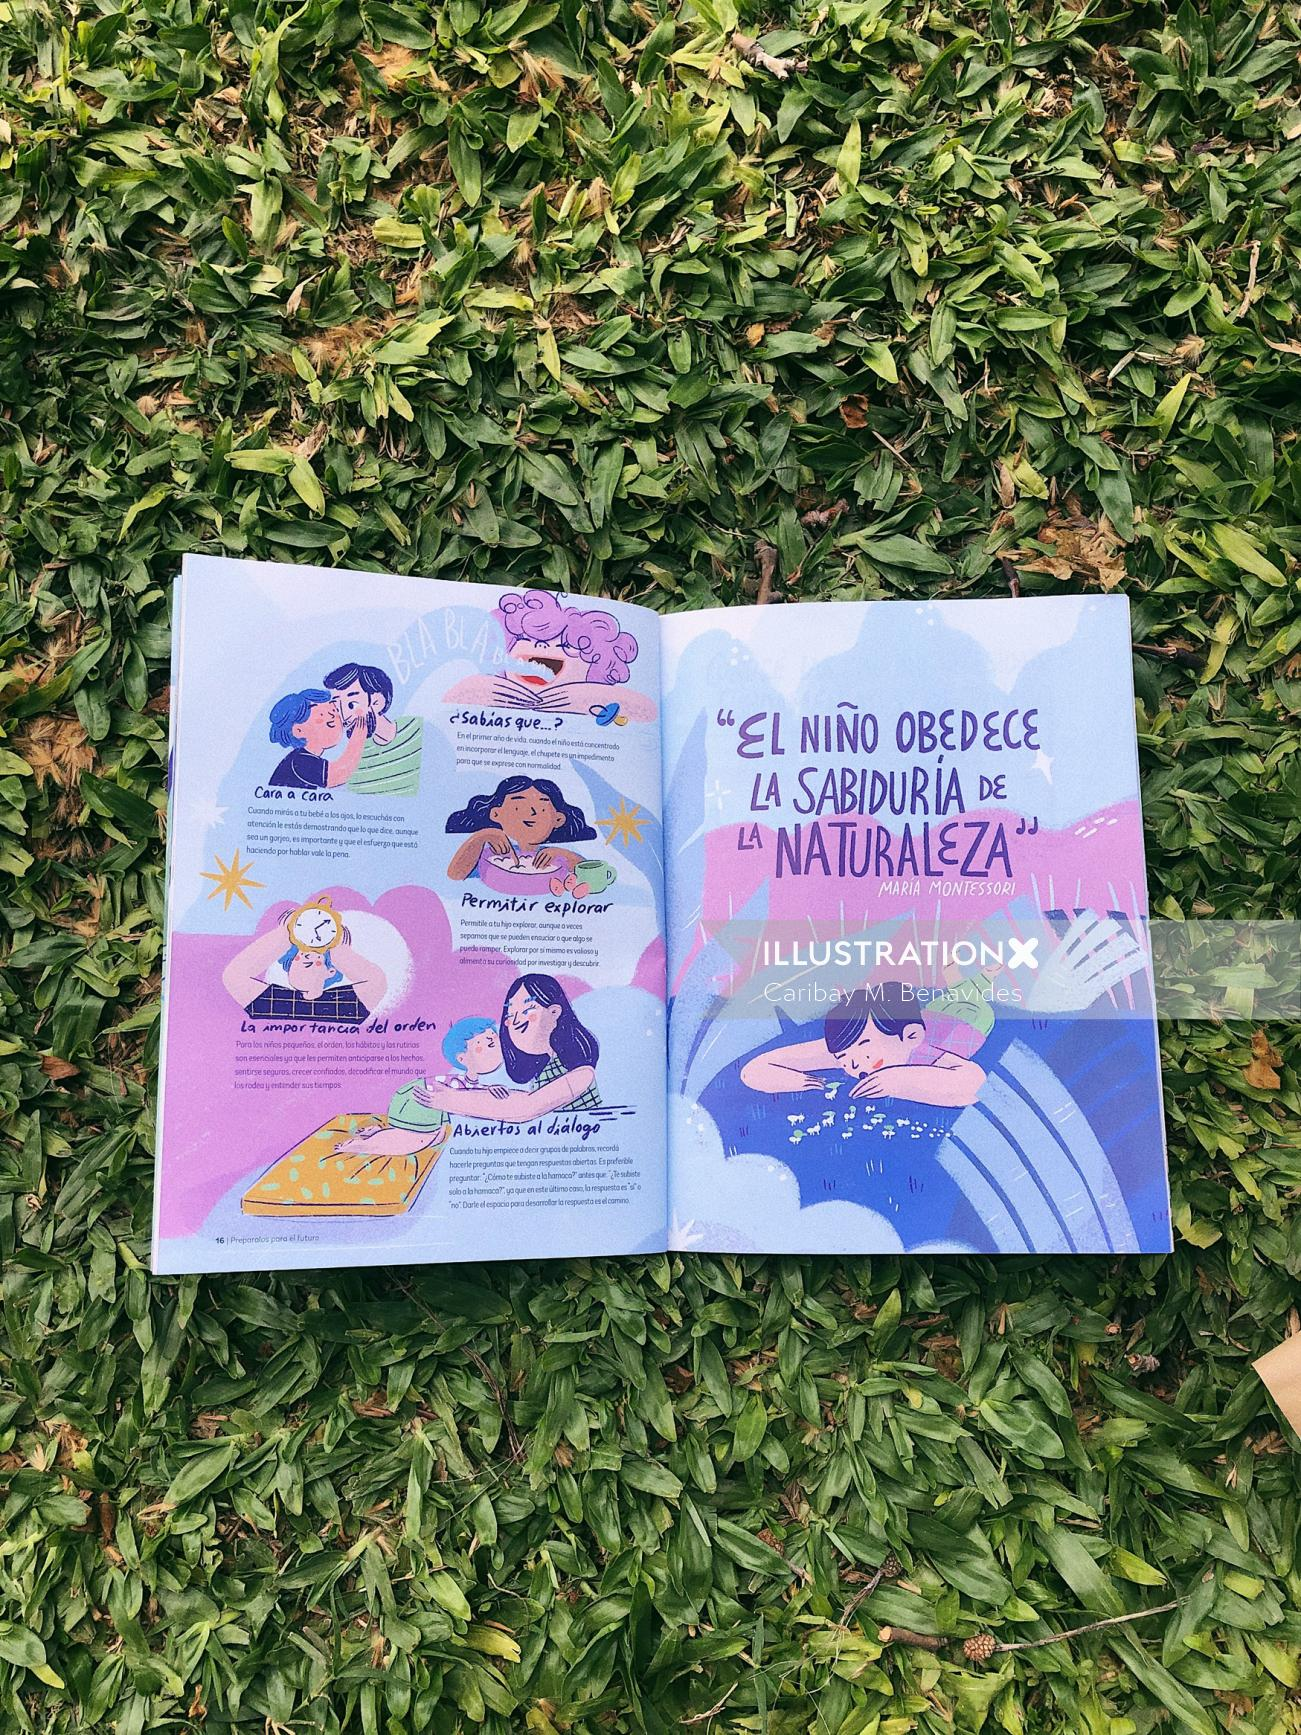 Illustration for Nutrilon and Montessori